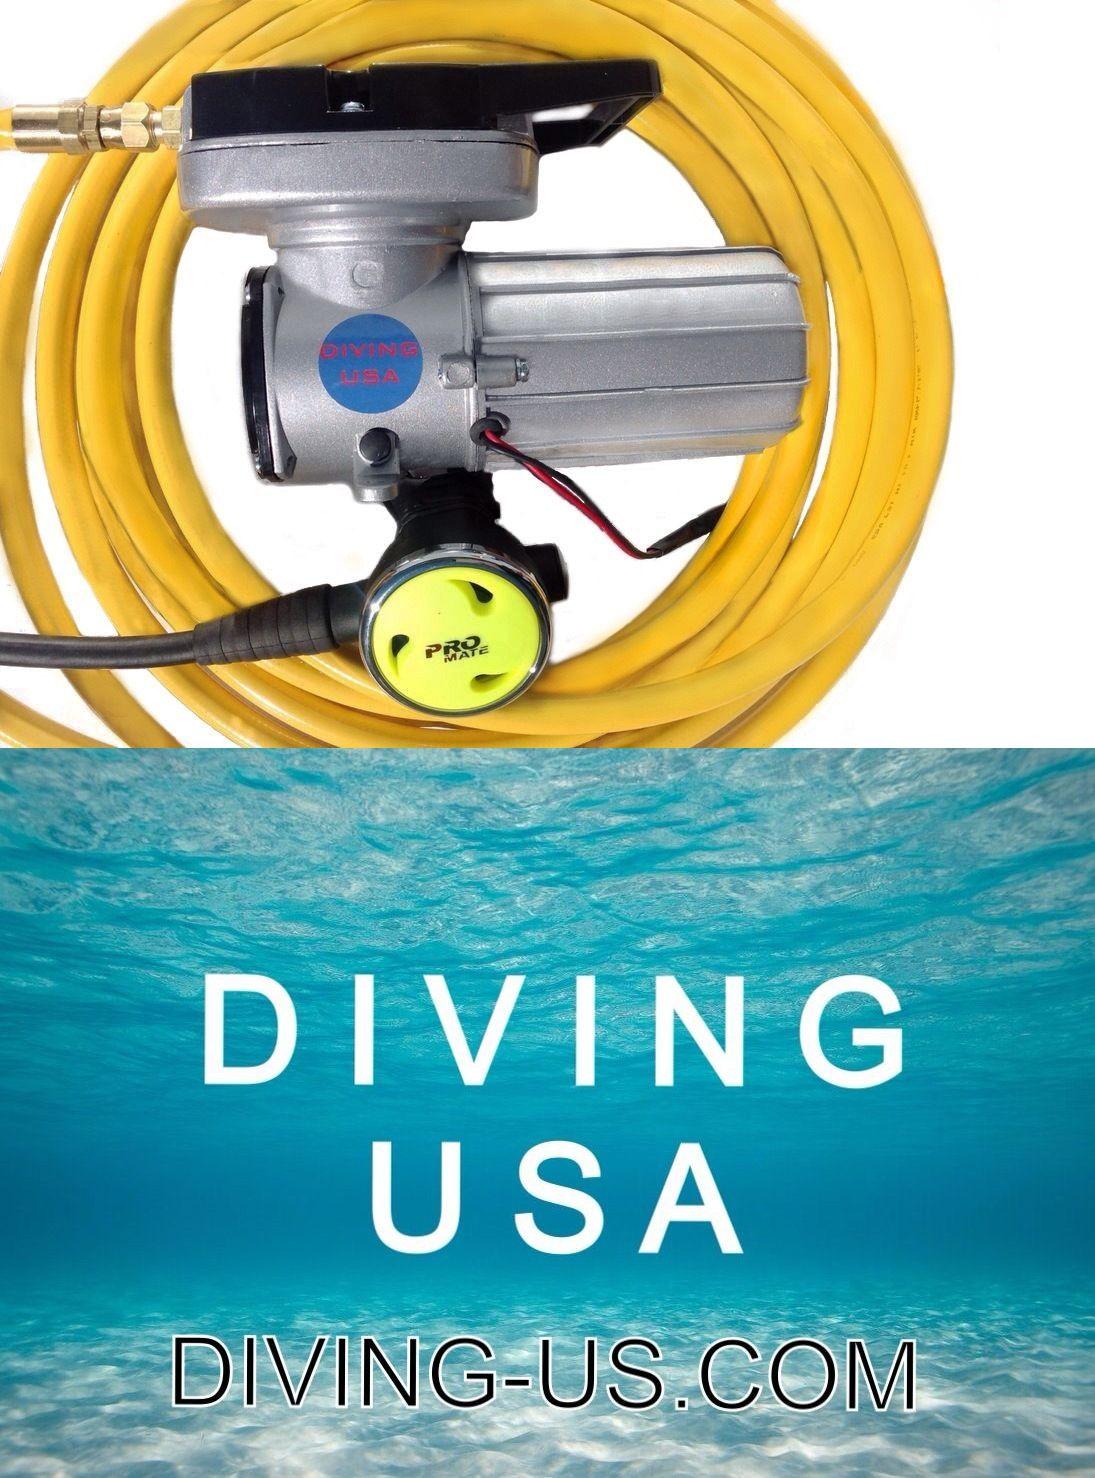 Tanks 16057: 12V Electric Hookah Diving Kit With Regulator